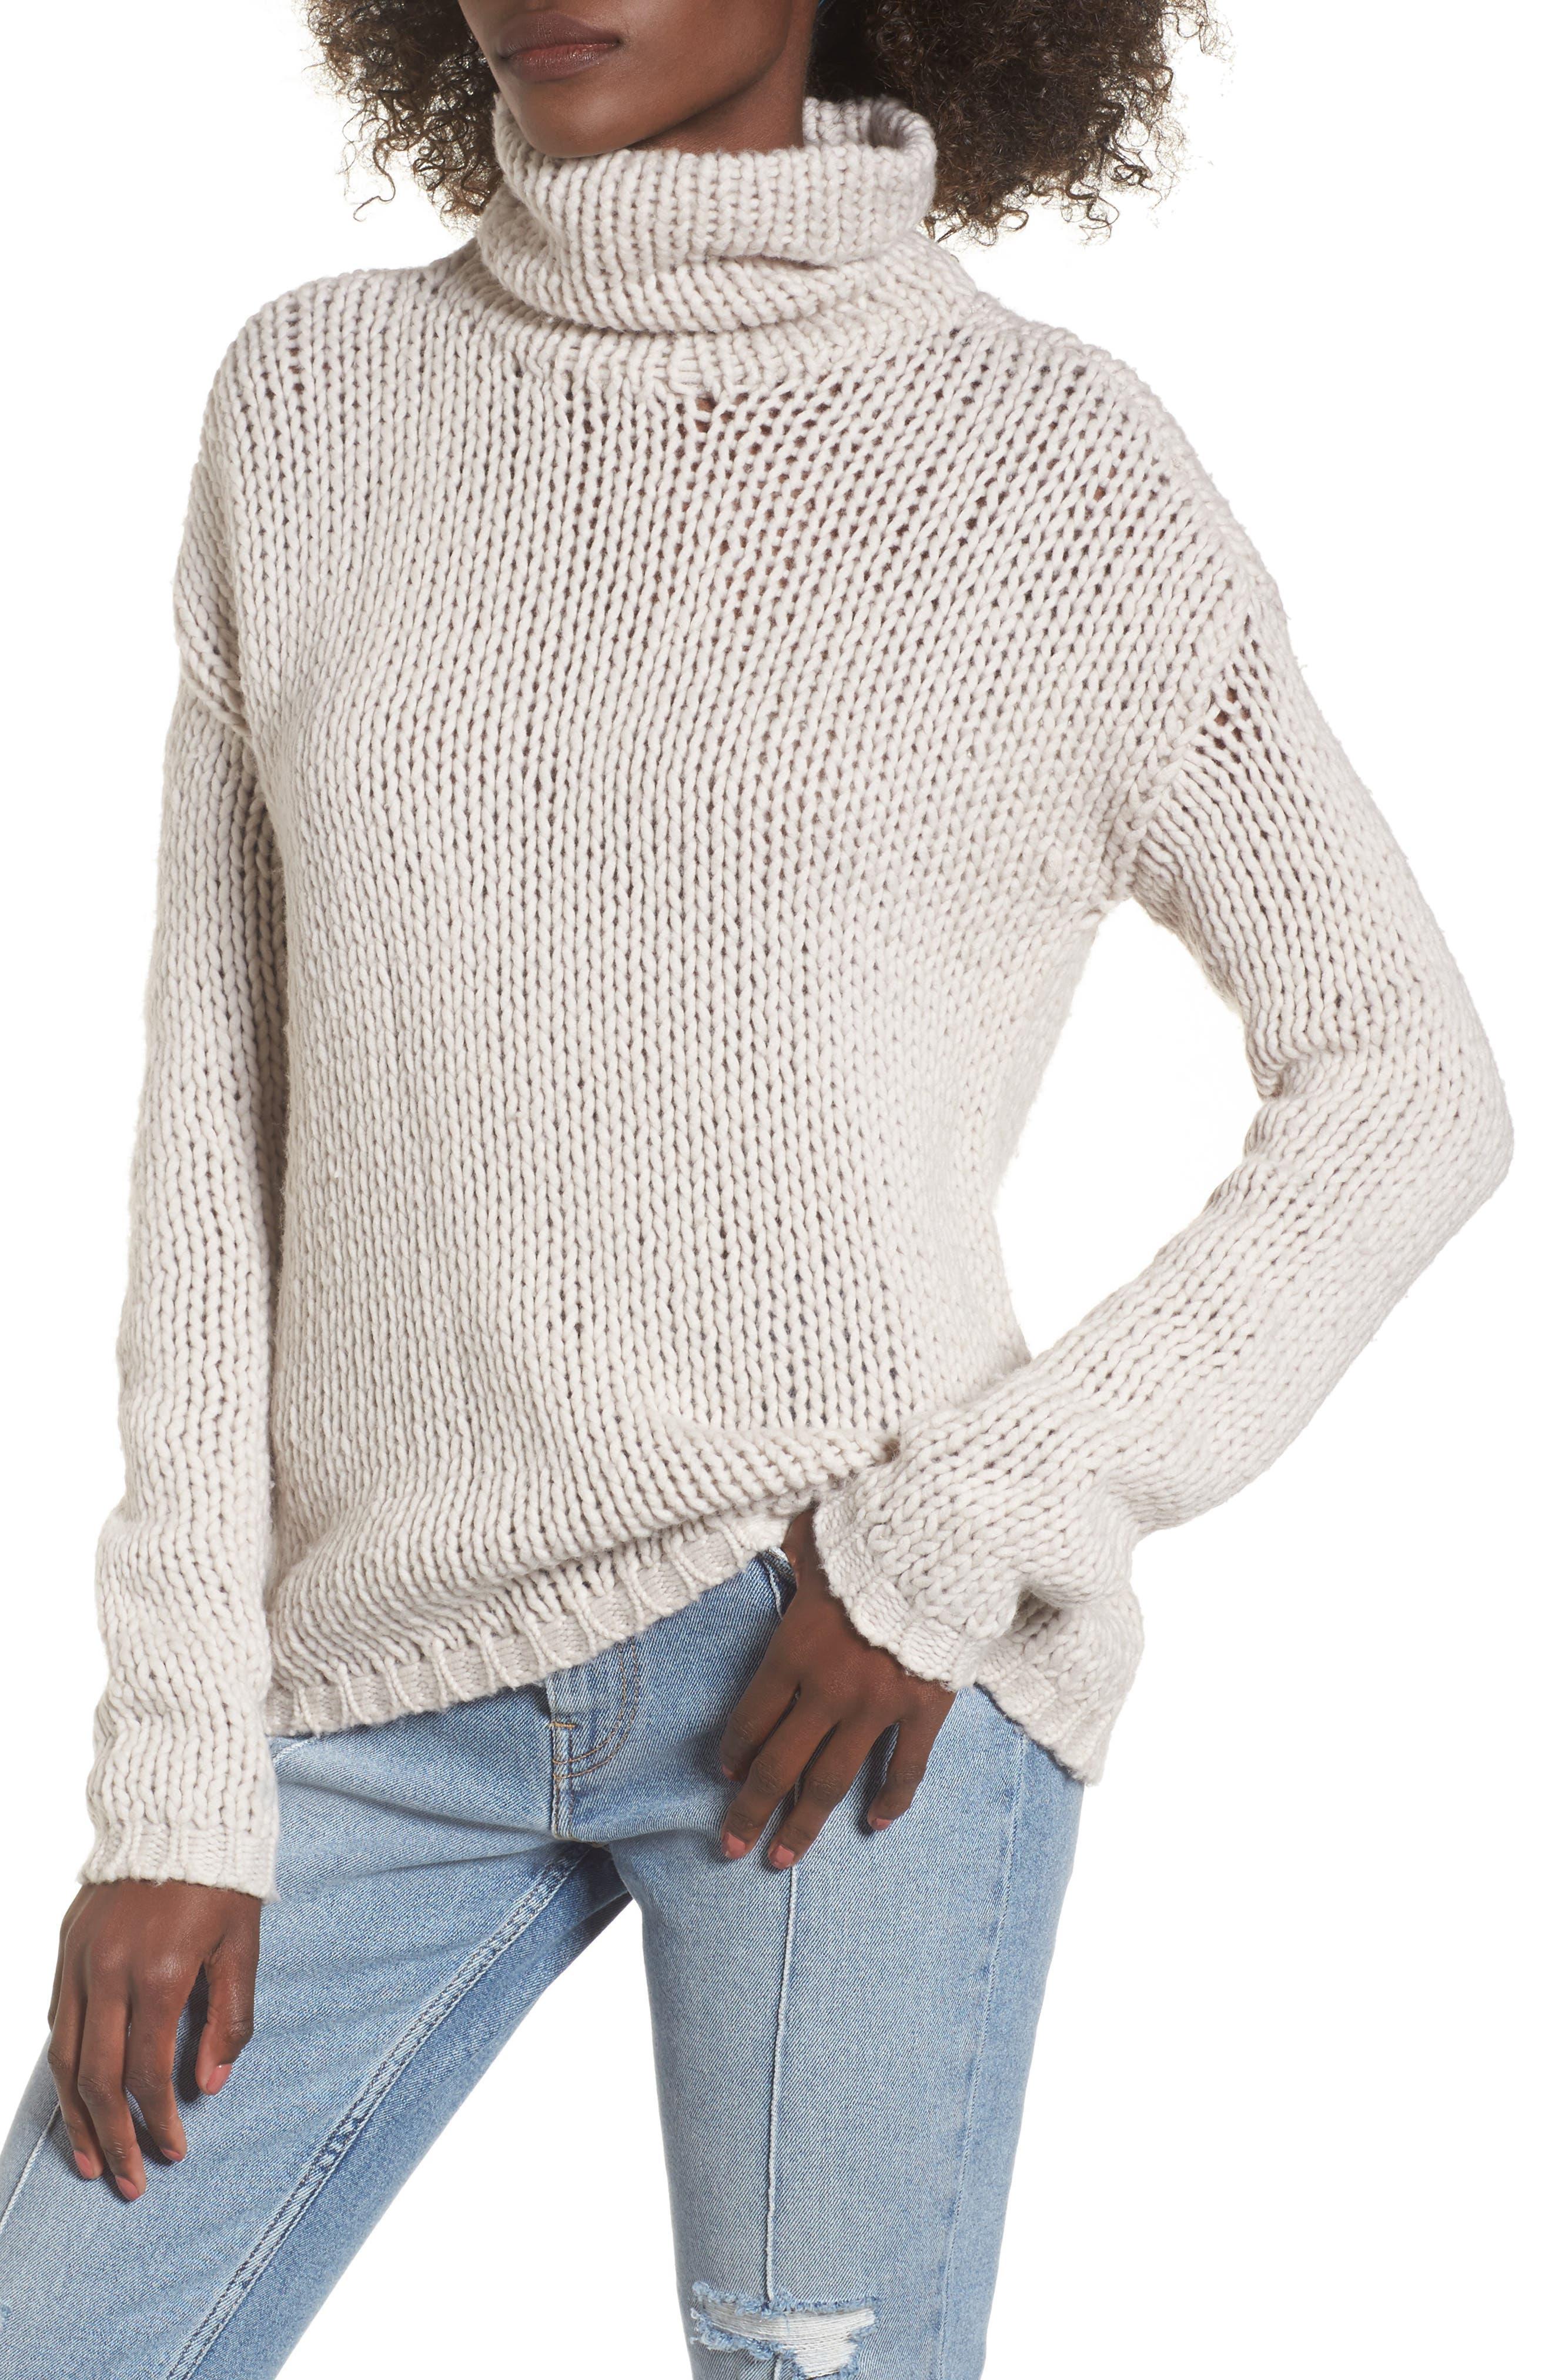 Main Image - Lovers + Friends Hawken Turtleneck Sweater